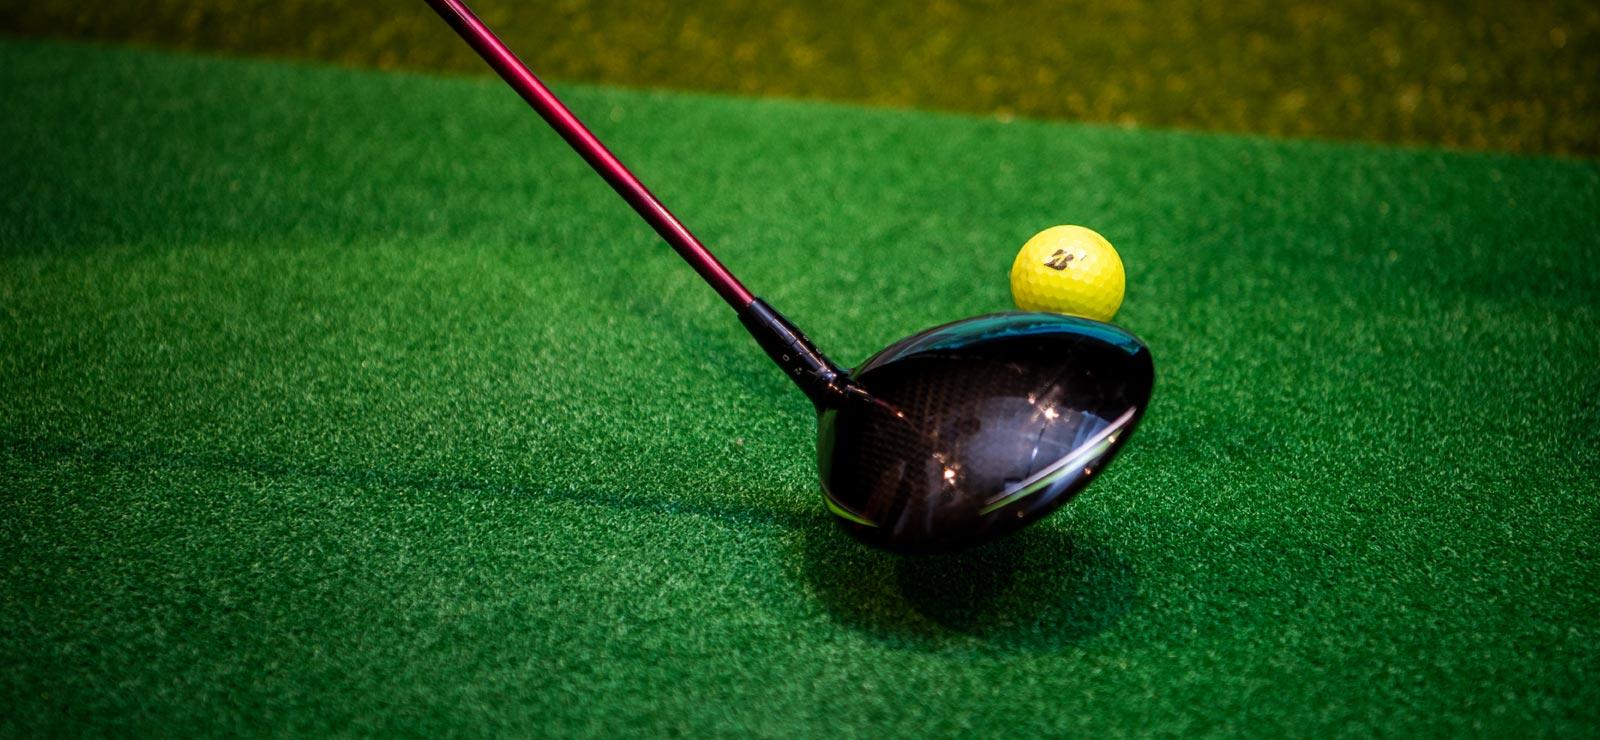 シェアゴルフ八事 クラブとゴルフボール